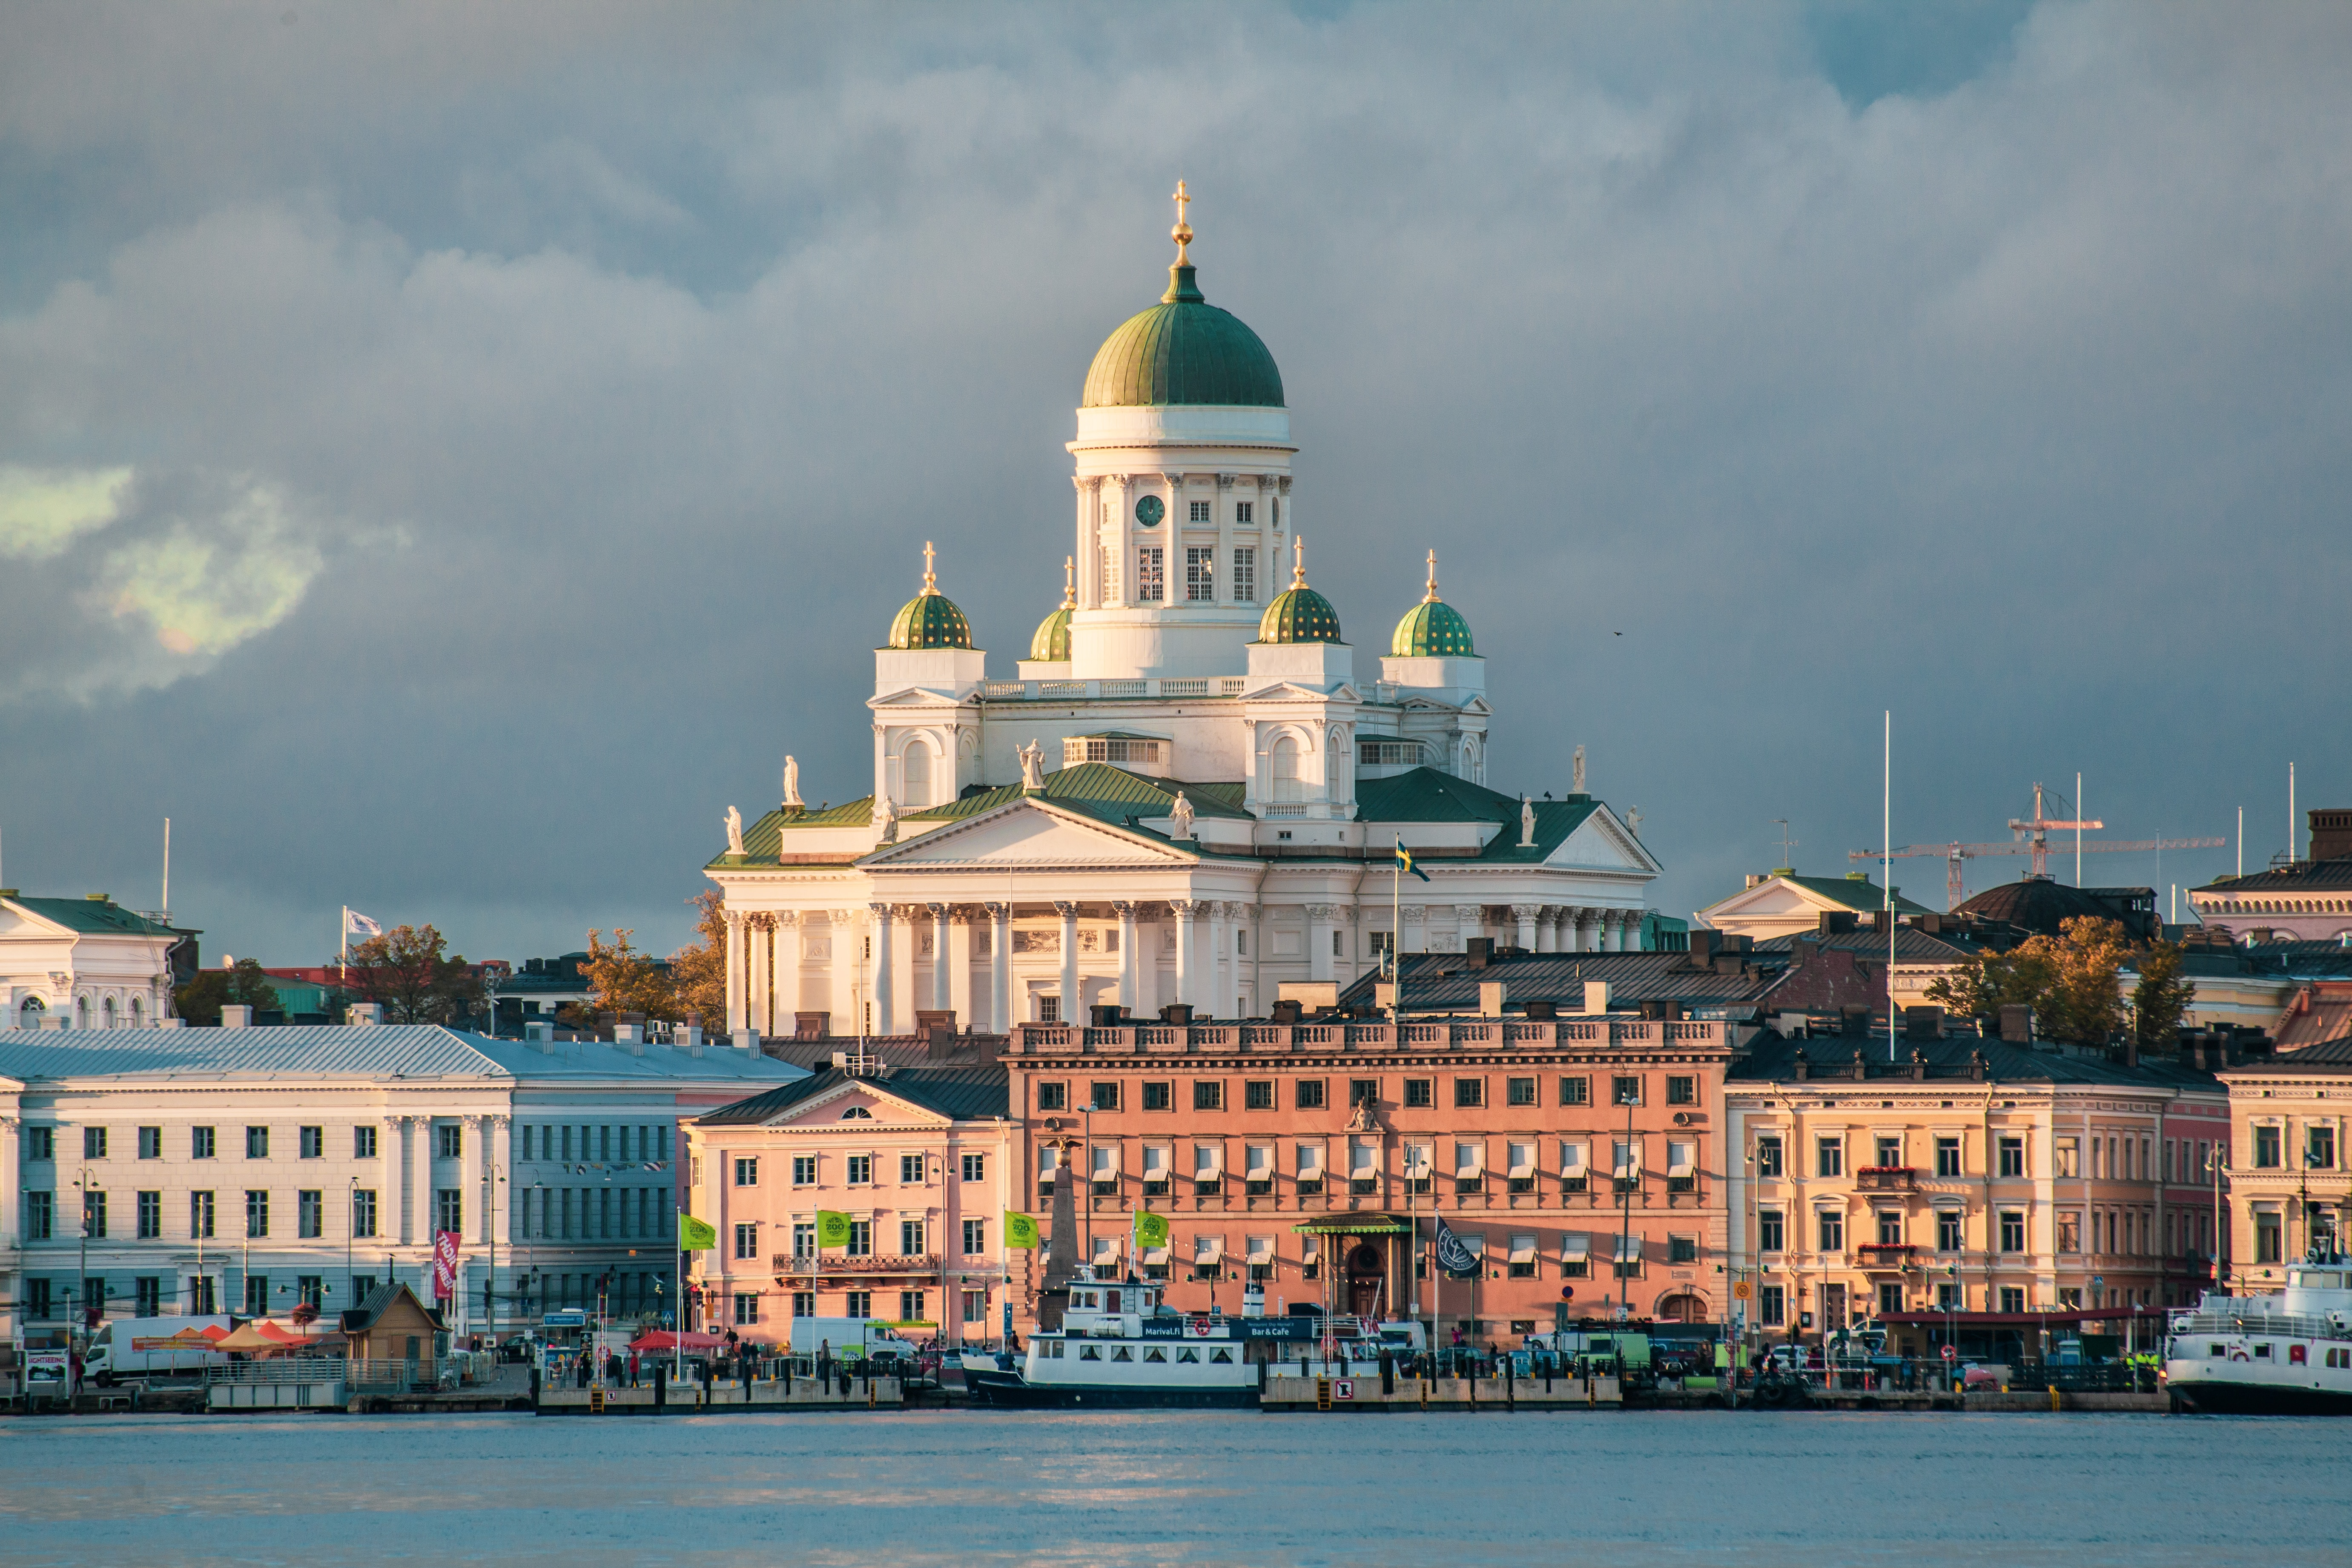 O Ecossistema De Inovação Da Finlândia, Coréia Do Sul E Singapura